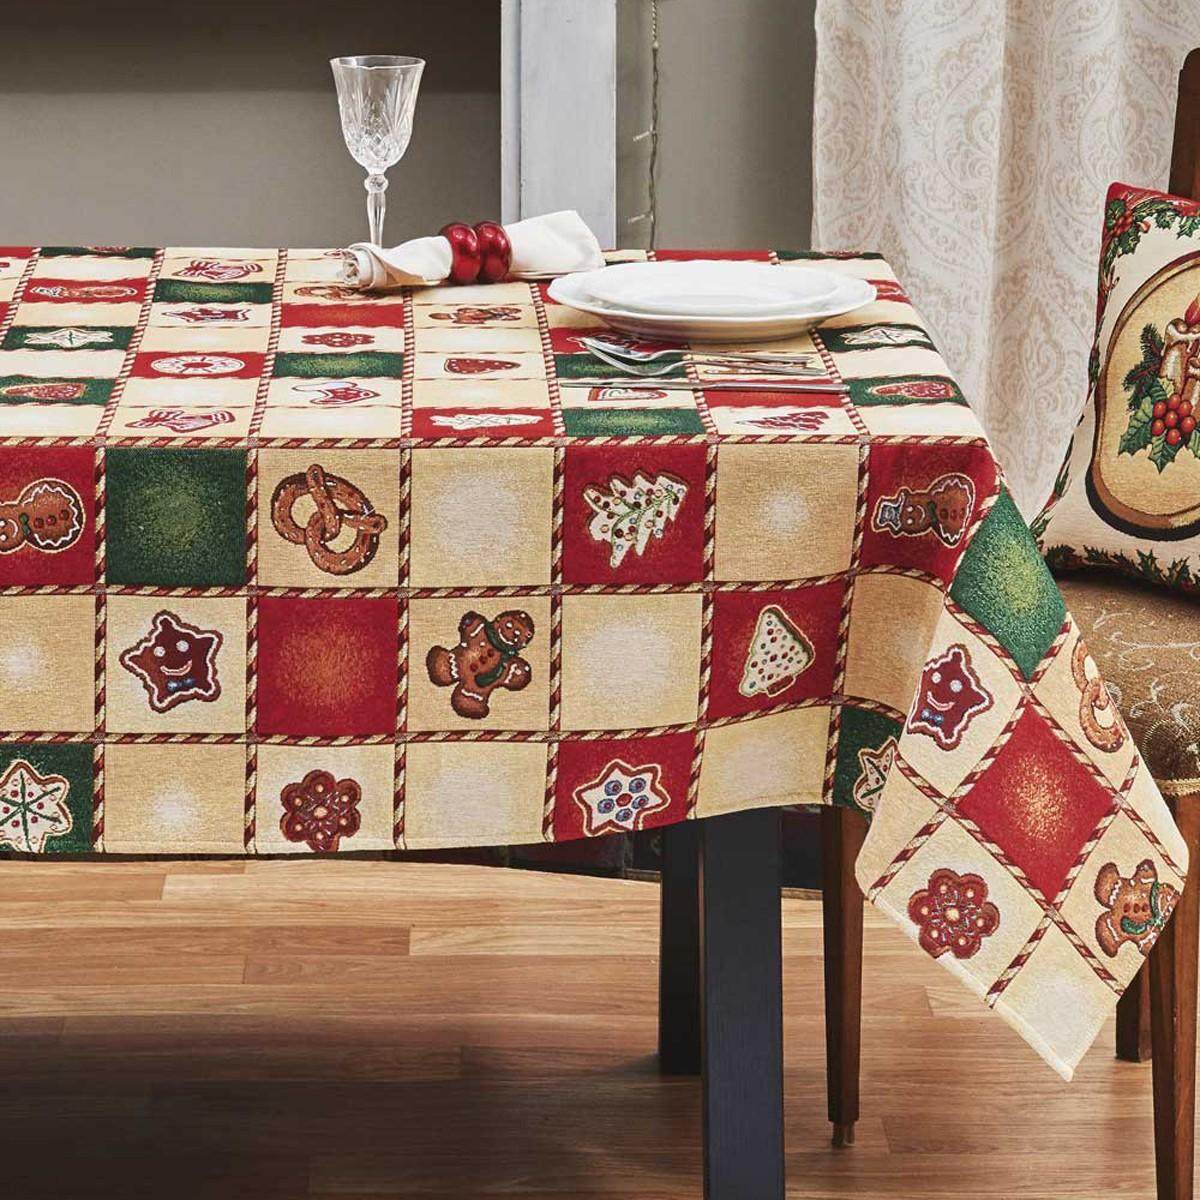 Χριστουγεννιάτικο Τραπεζομάντηλο (160×275) Kentia Made Bisquit